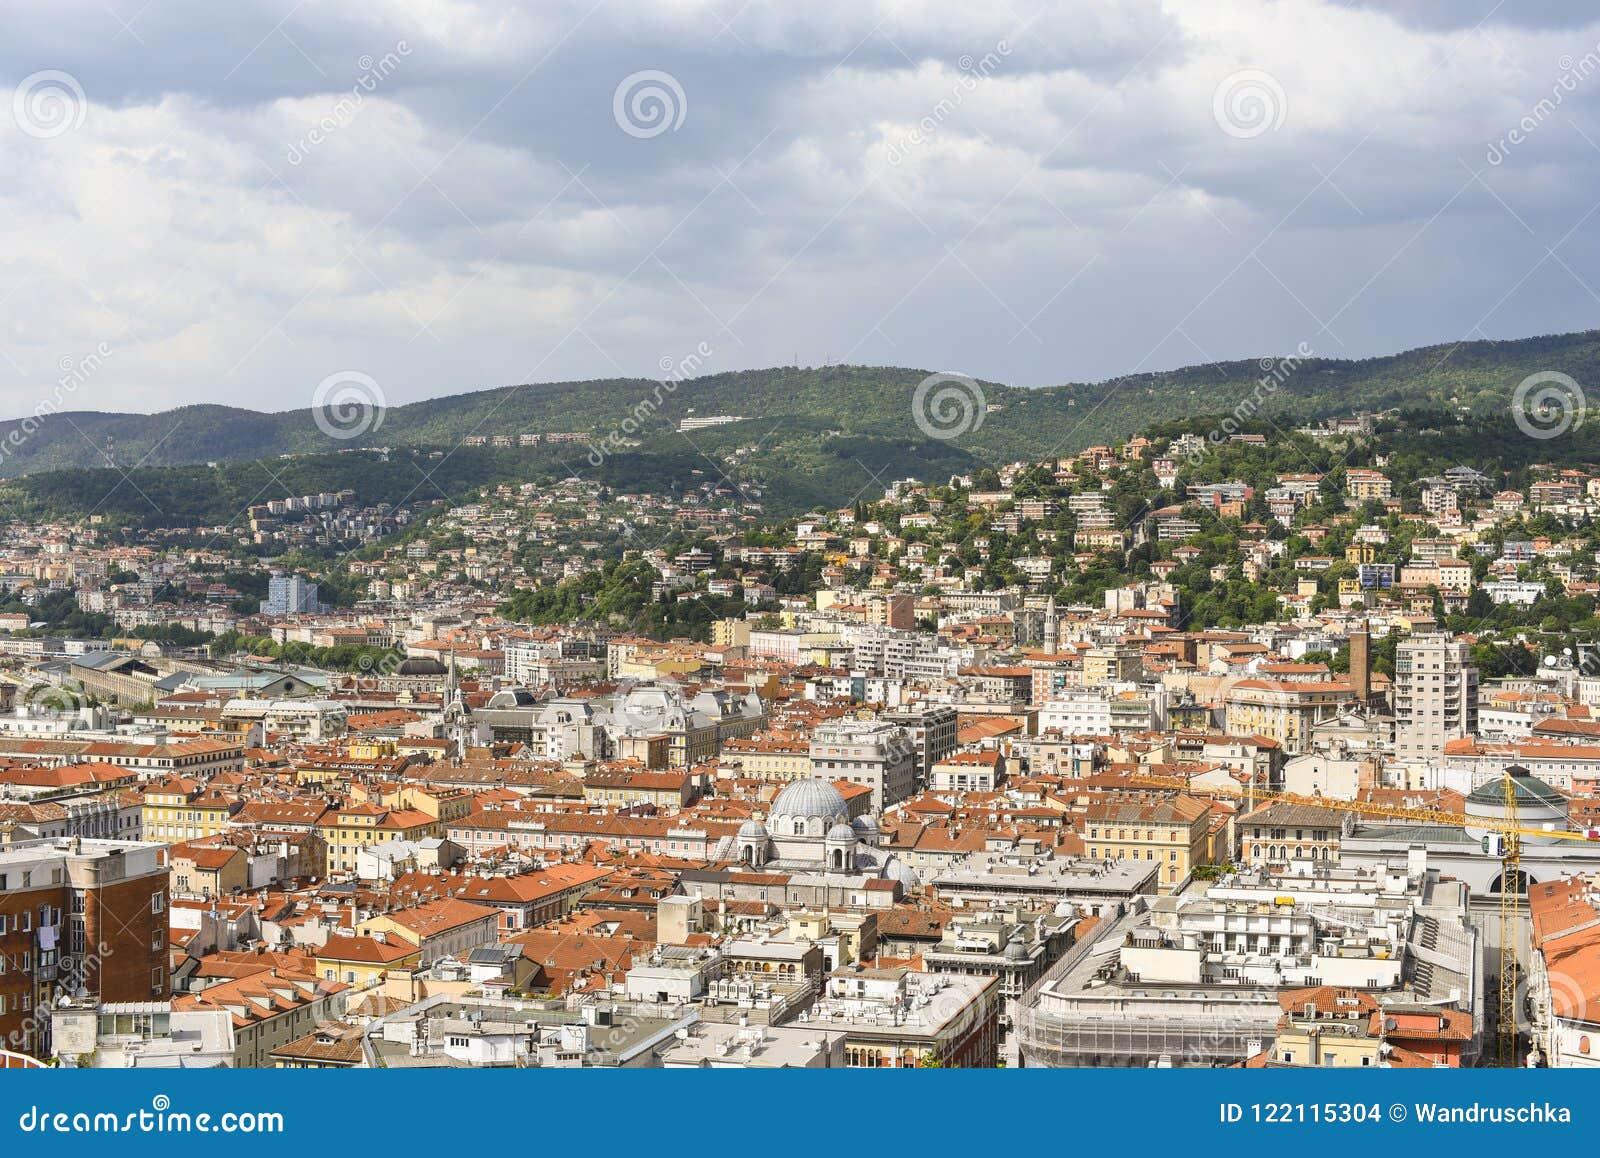 Ciudad y montañas de Trieste en Italia